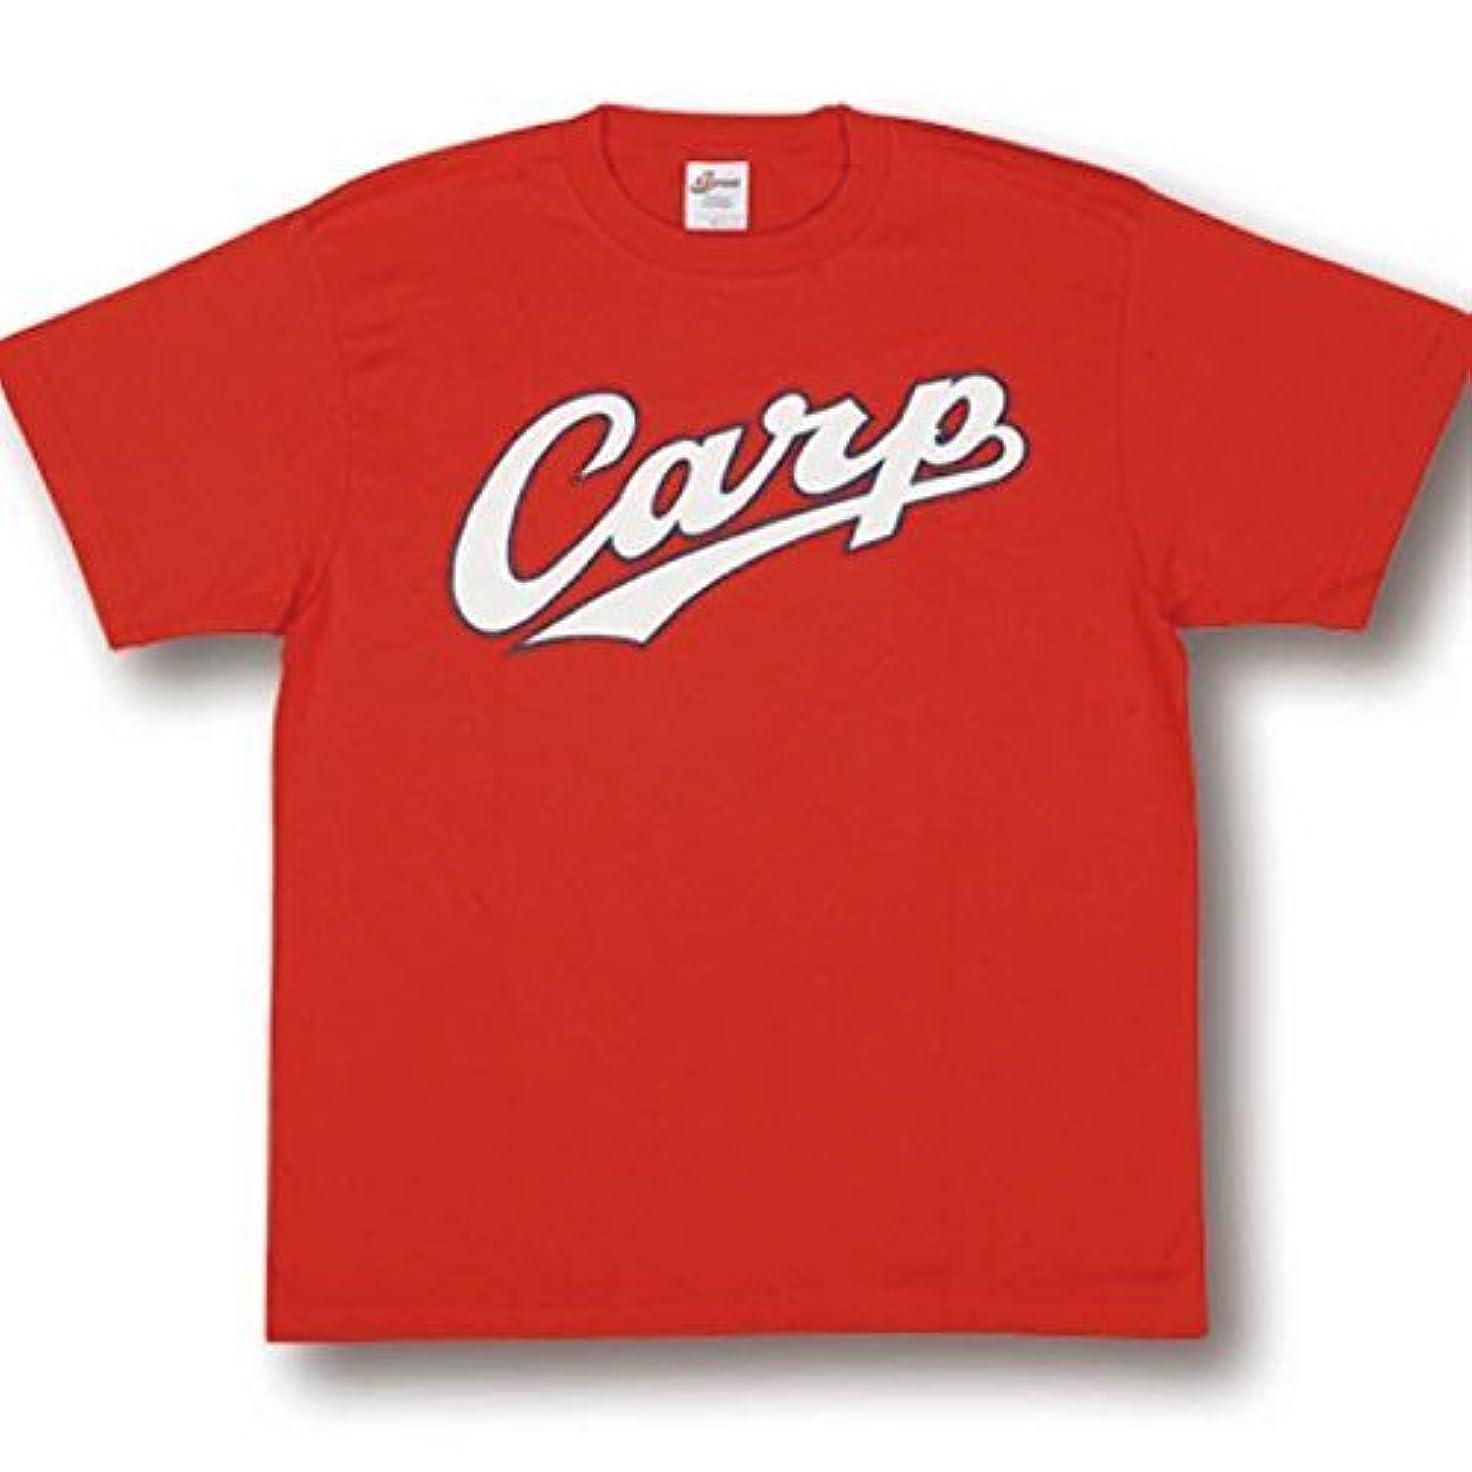 微視的マザーランド請求可能広島東洋カープ オリジナルTシャツ(大人用) フリー(Lサイズ)